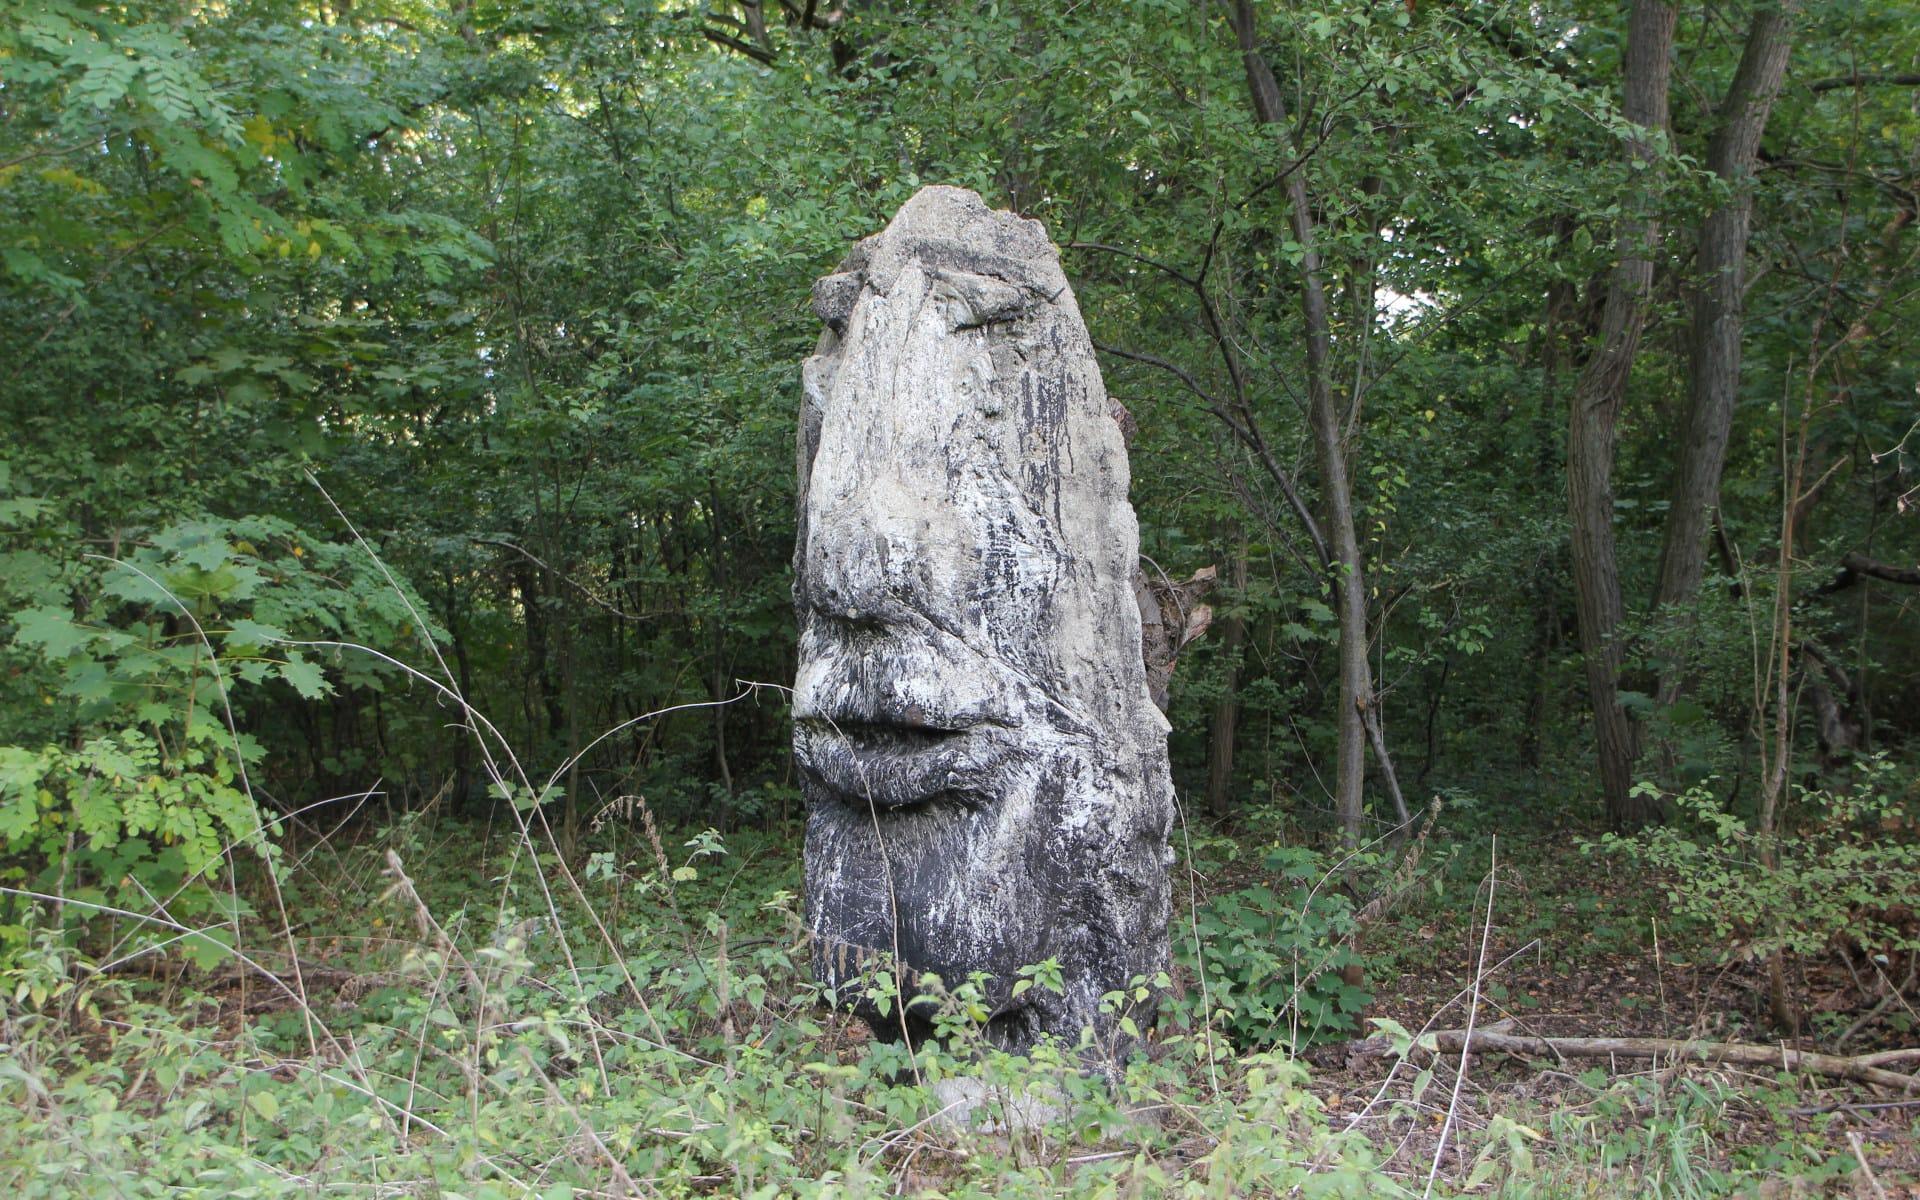 Kunsttour Karwe - Eine Skulptur als Kopfform auf dem Kunstpfad